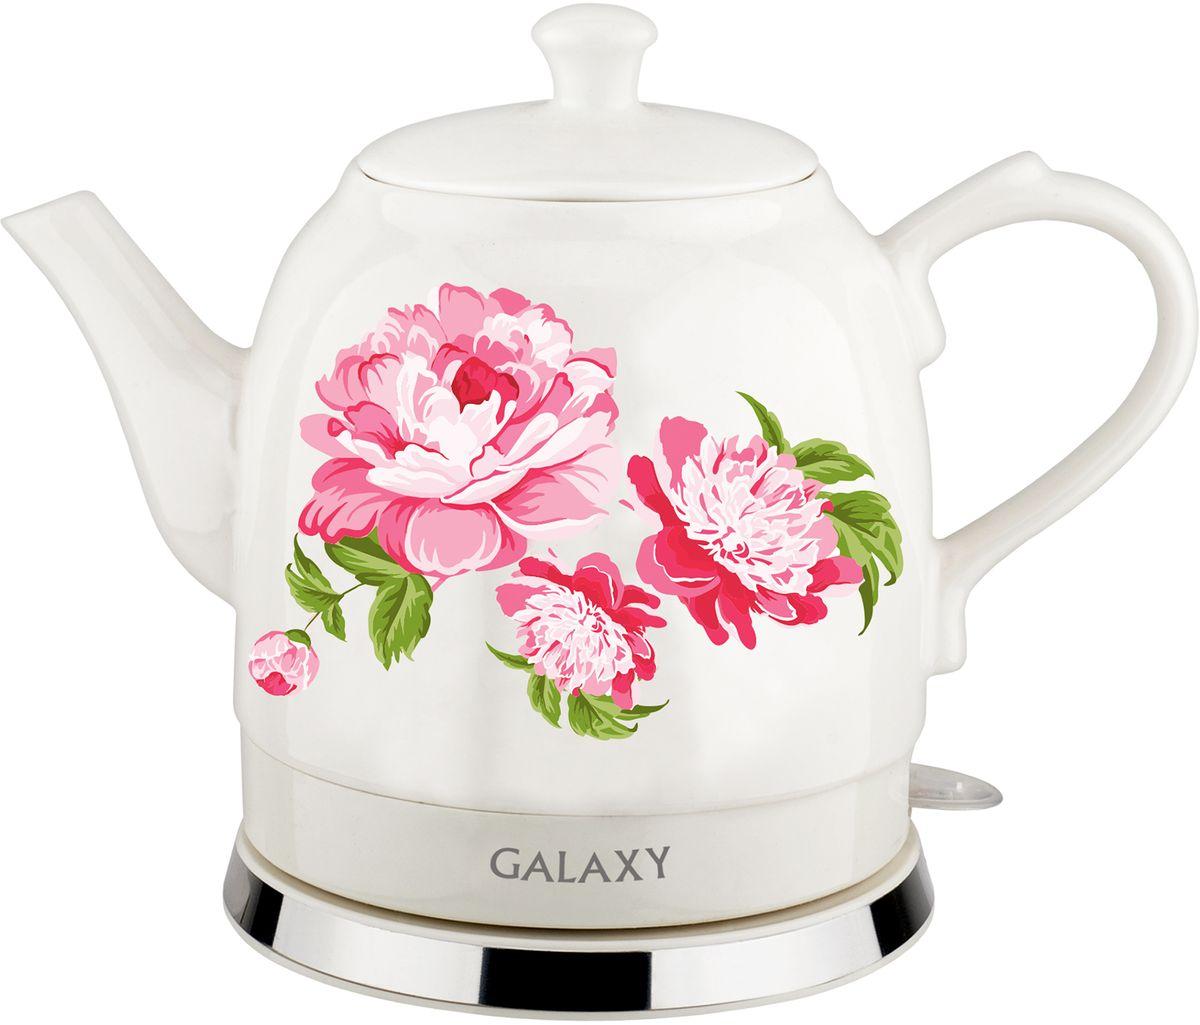 Galaxy GL 0503 чайник электрический4630003364074Керамический чайник Galaxy GL 0503 создает теплую атмосферу на кухне и располагает к душевной беседе за чашкой чая. Благодаря толстым стенкам, чайник работает бесшумно. Керамический чайник Galaxy GL 0503, как и любая посуда из этого материала, долго сохраняет тепло, позволяя значительно сократить энергозатраты.Во время чаепития вы можете разместить керамический чайник Galaxy GL 0503 на столе. В отличие от пластиковых и металлических чайников, керамический чайник вписывается в картину чаепития очень гармонично.